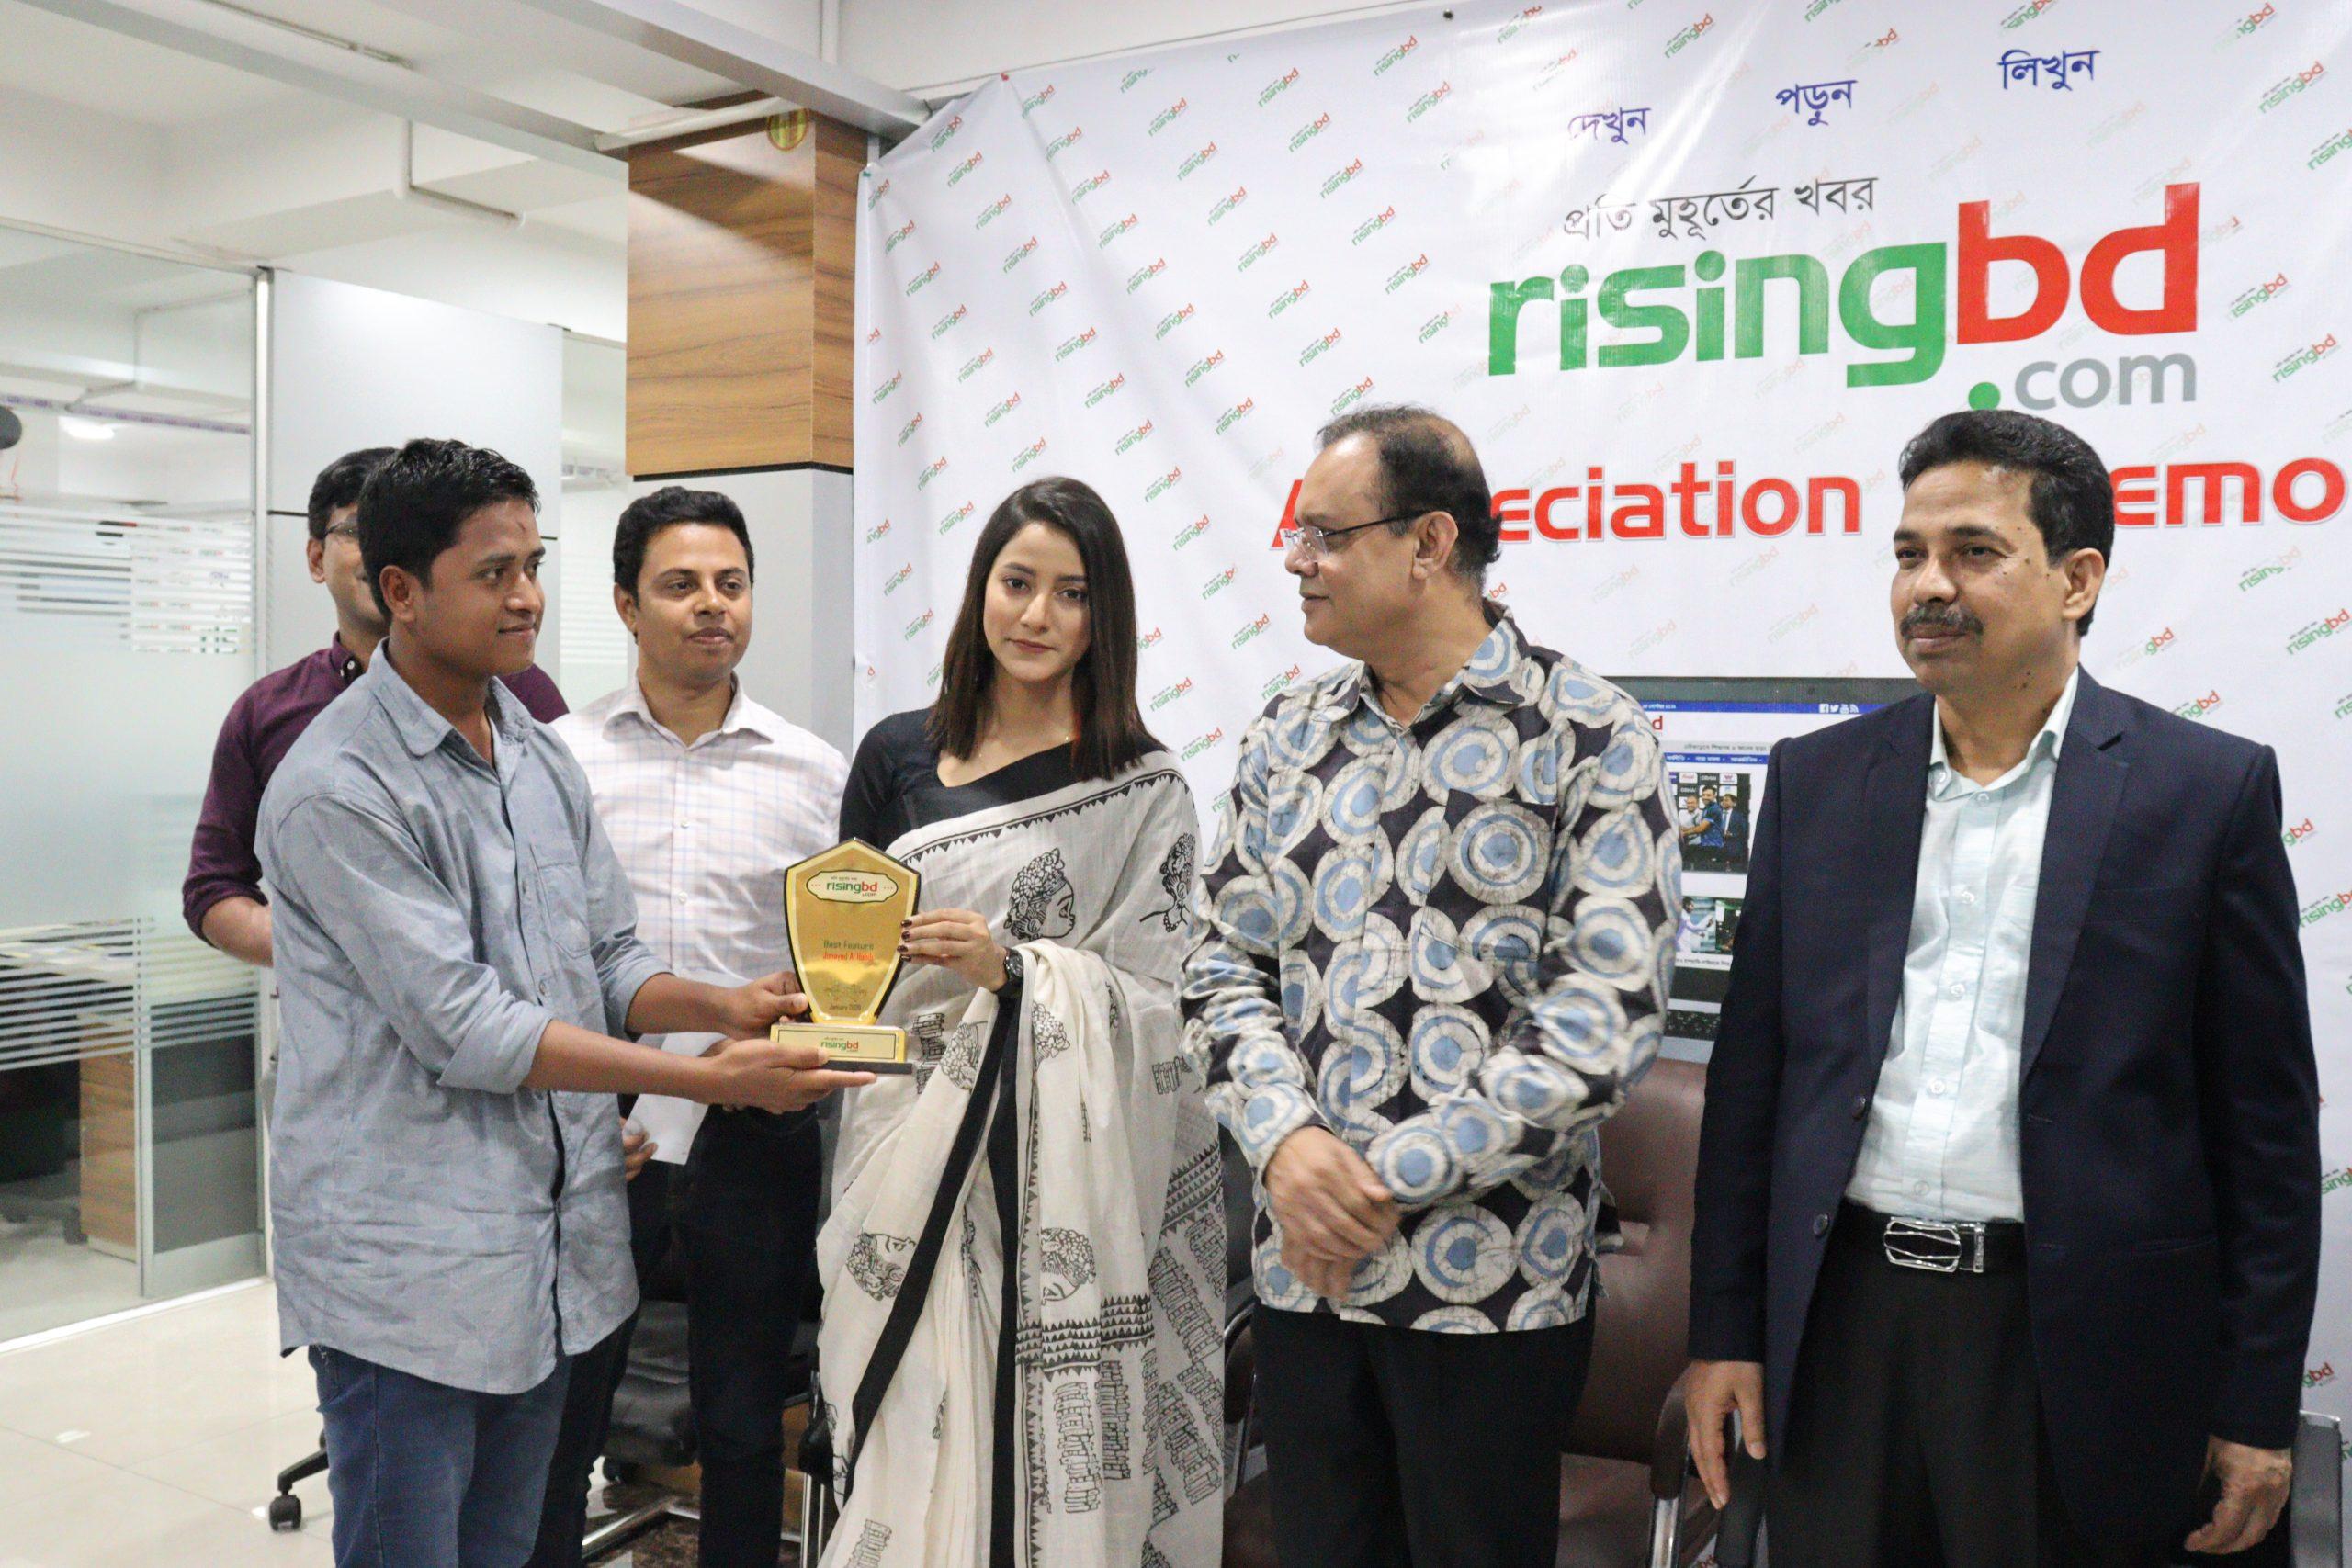 রাইজিংবিডিতে সেরা লেখকের পুরস্কার জিতেছে লক্ষ্মীপুরের জুনাইদ আল হাবিব